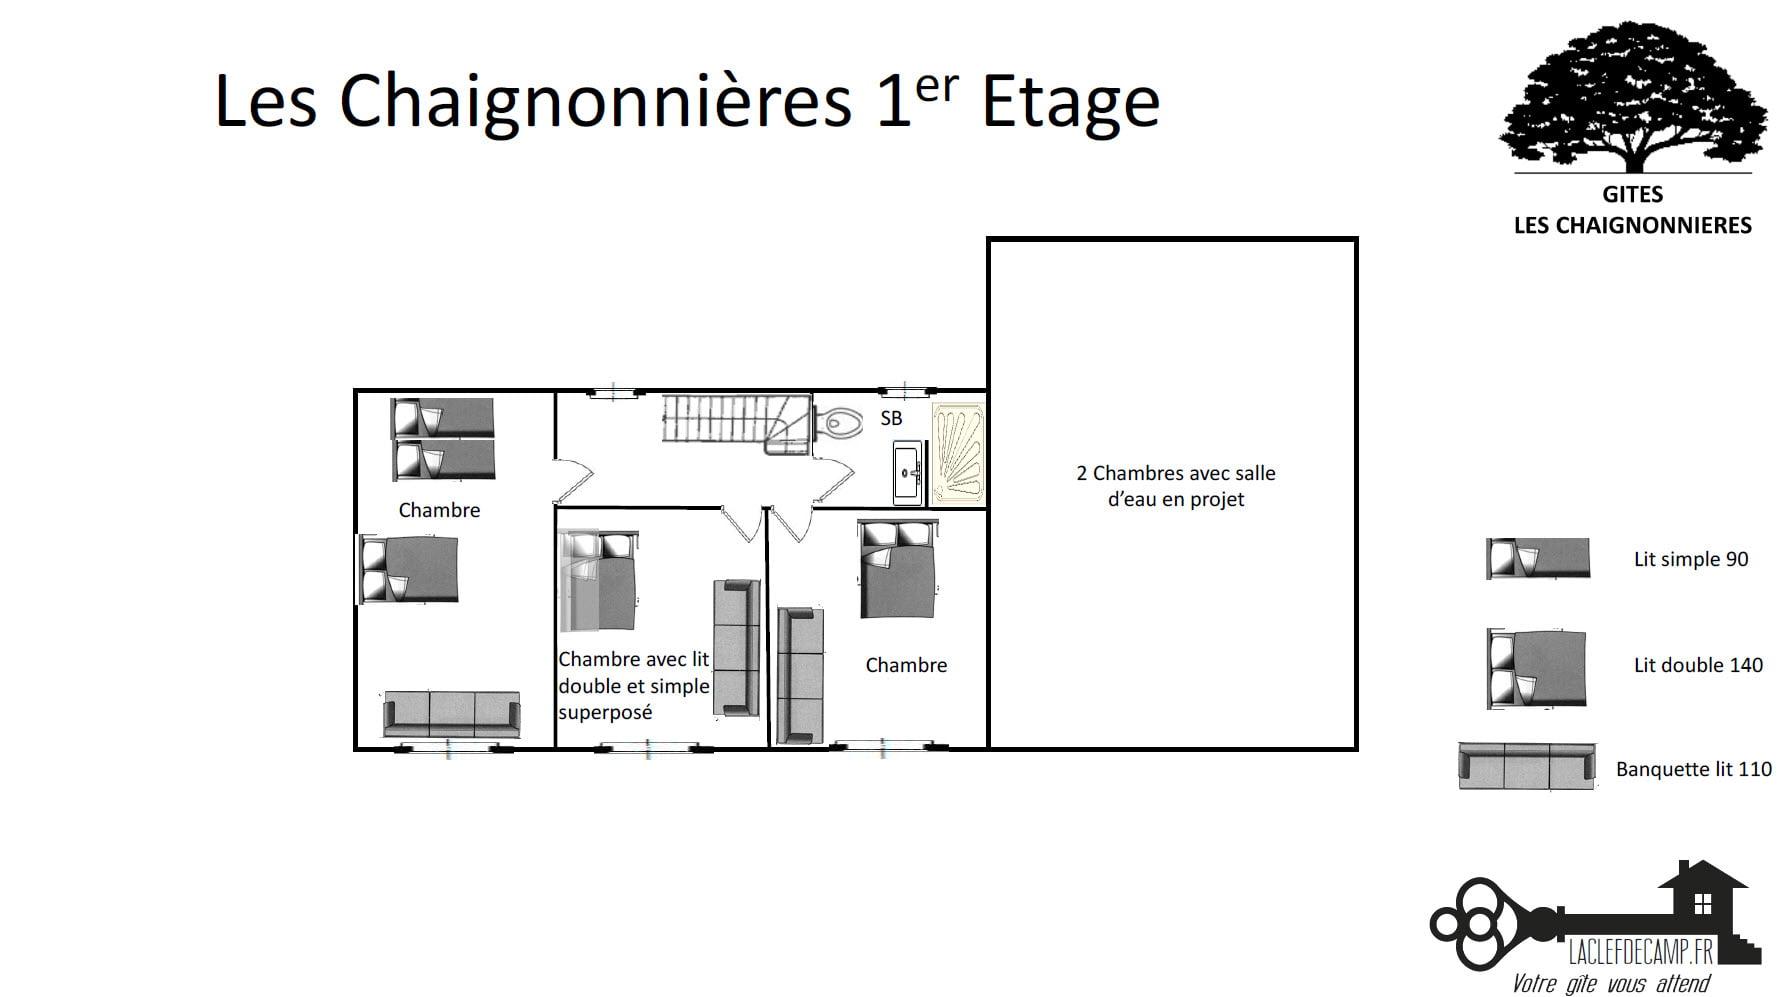 chaignonnieres 1er - LA MAISON - Location de Gite La Clef Decamp - Laclefdecamp.fr